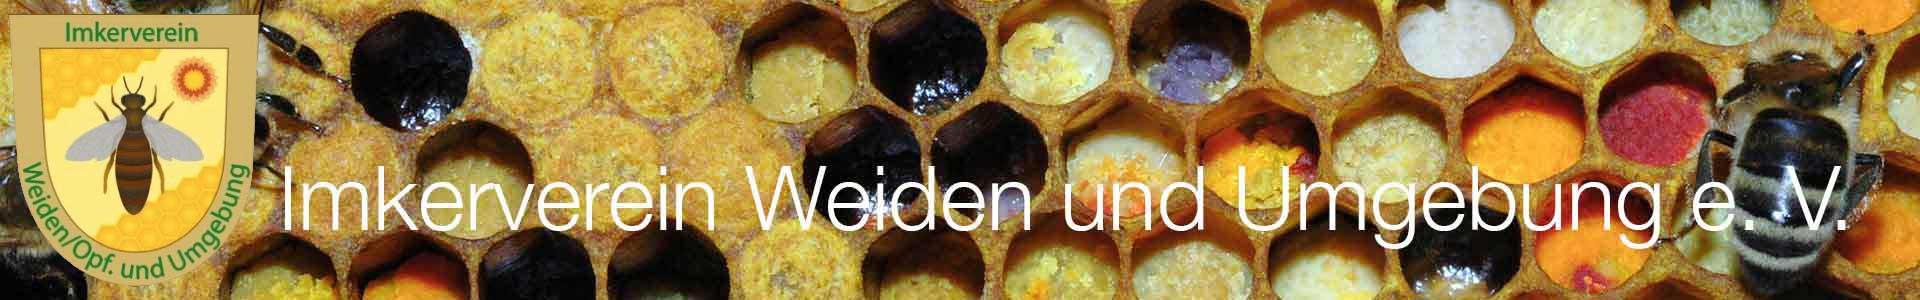 Imkerverein Weiden und Umgebung e. V.